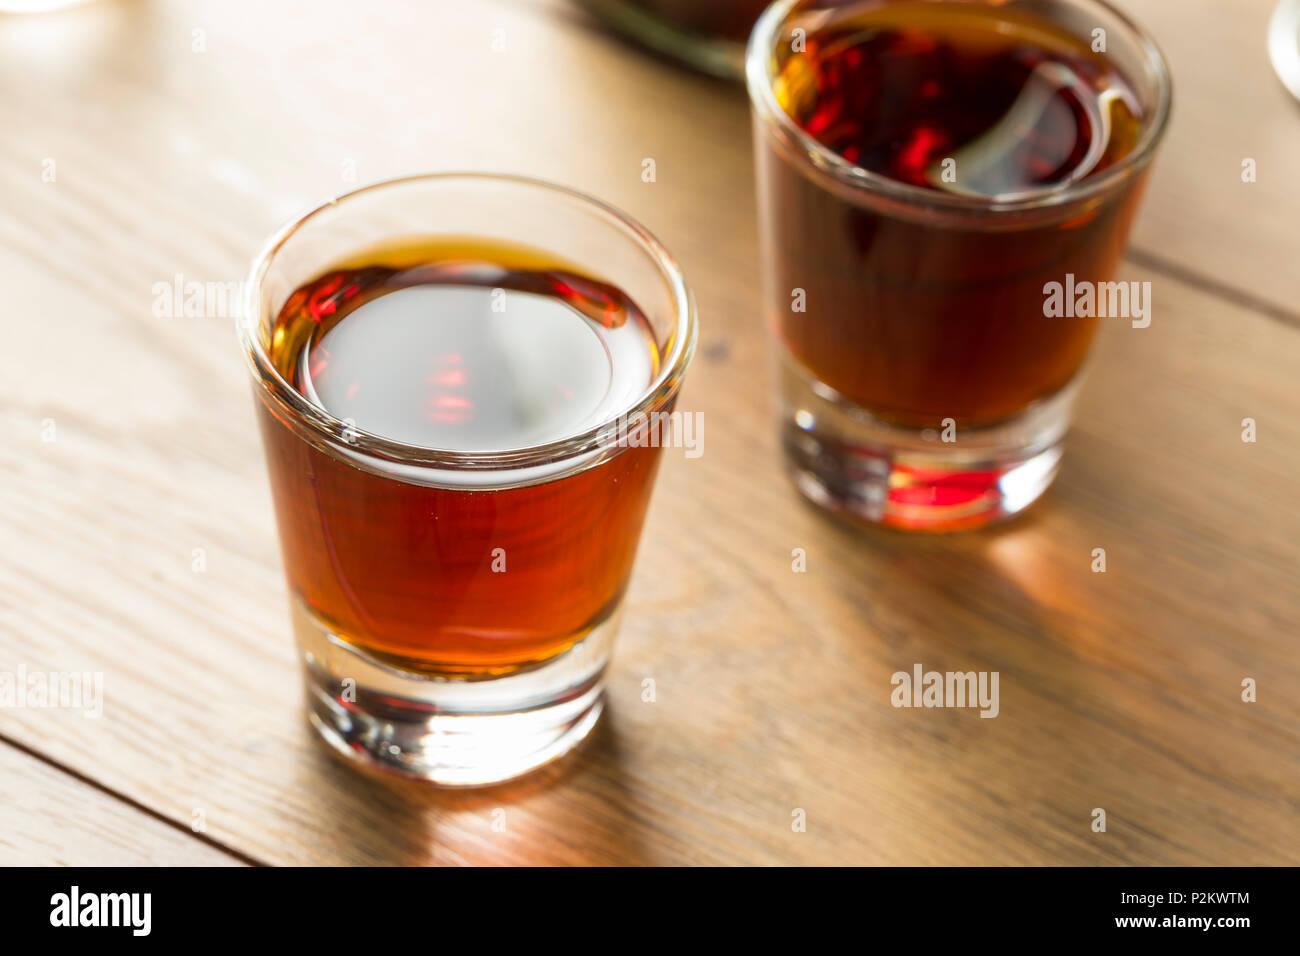 Sloe gin rouge dans un verre de liqueur Banque D'Images